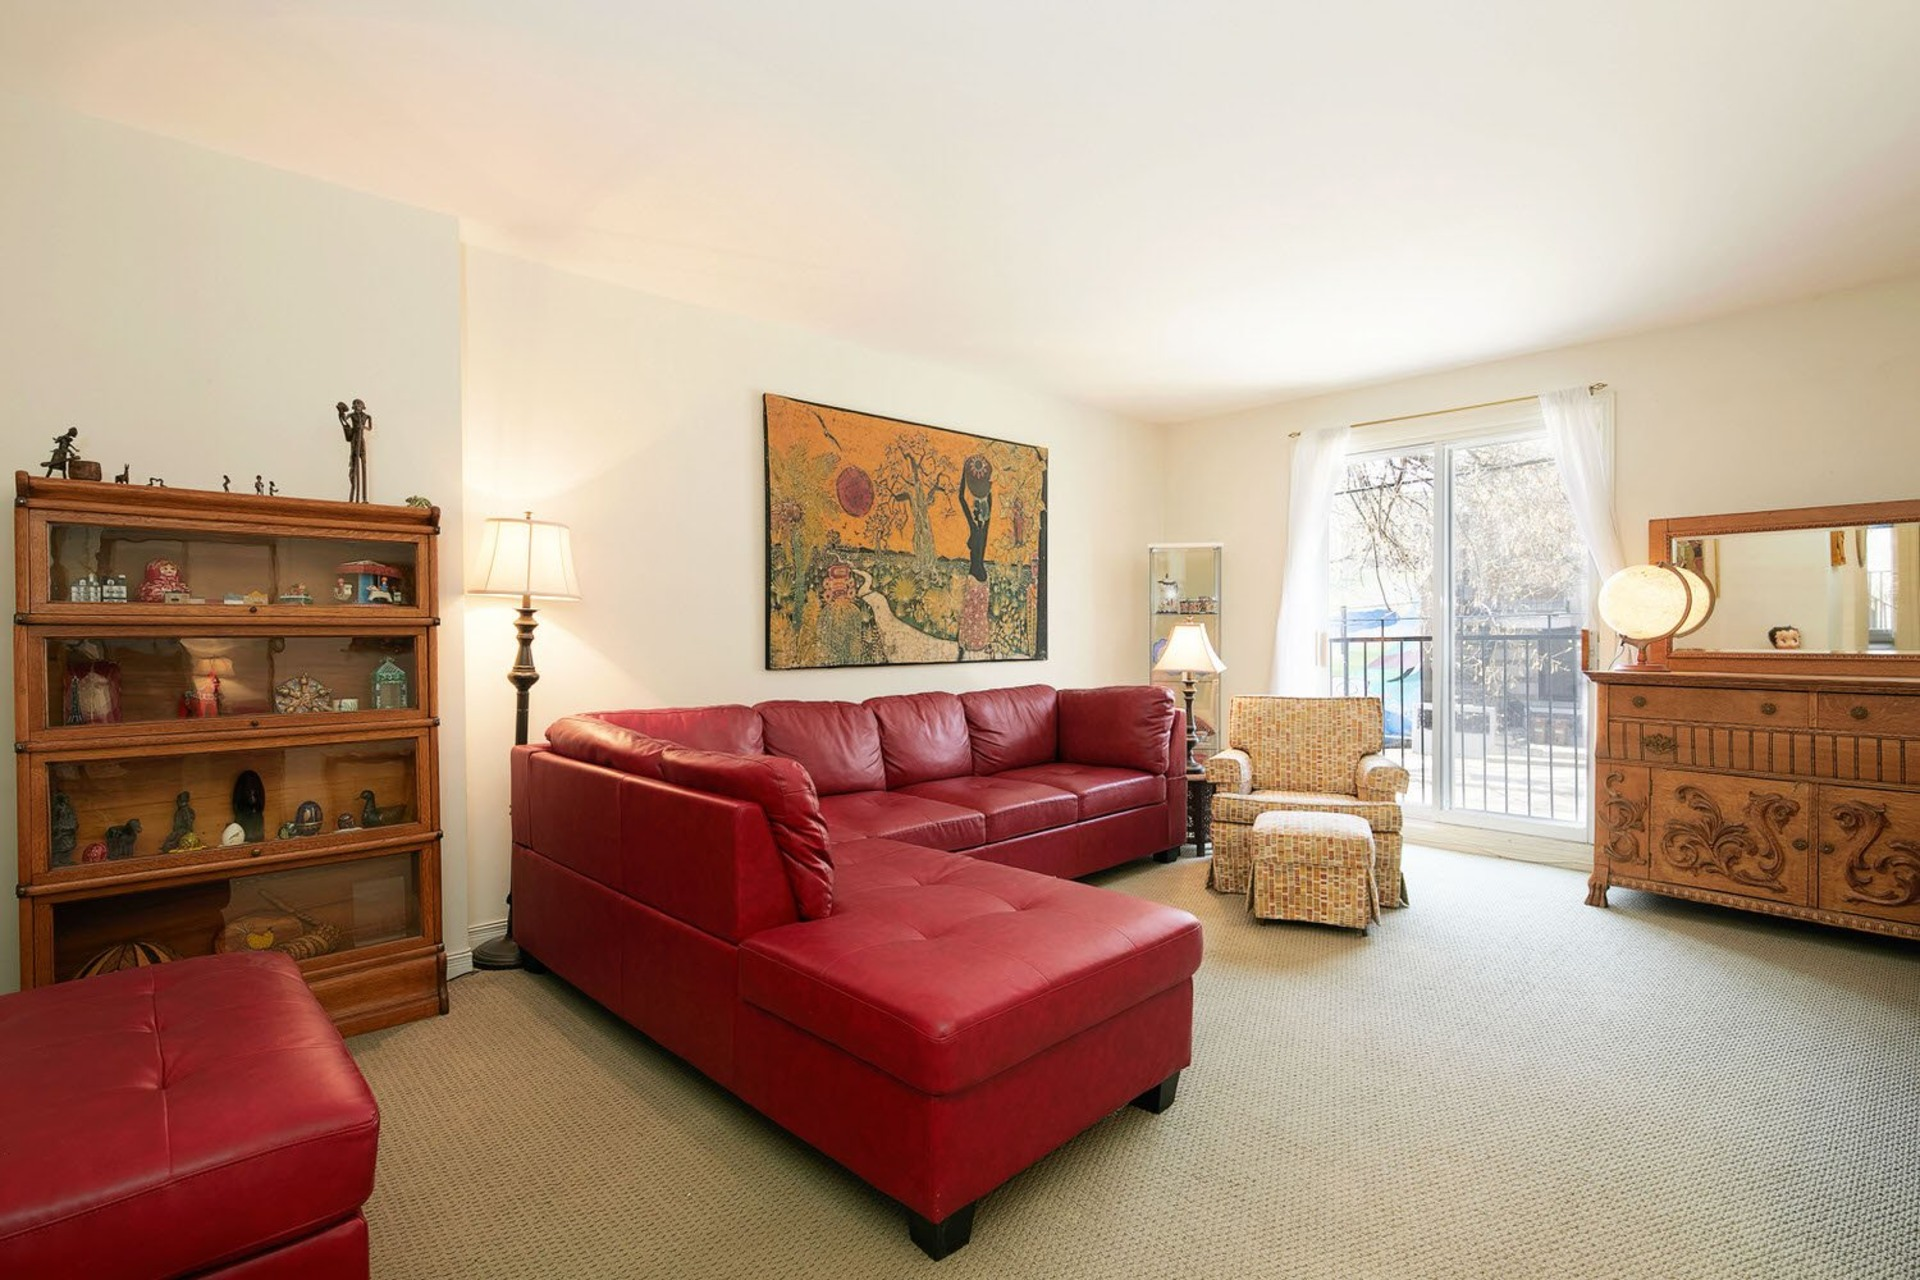 image 3 - Appartement À vendre Le Plateau-Mont-Royal Montréal  - 6 pièces